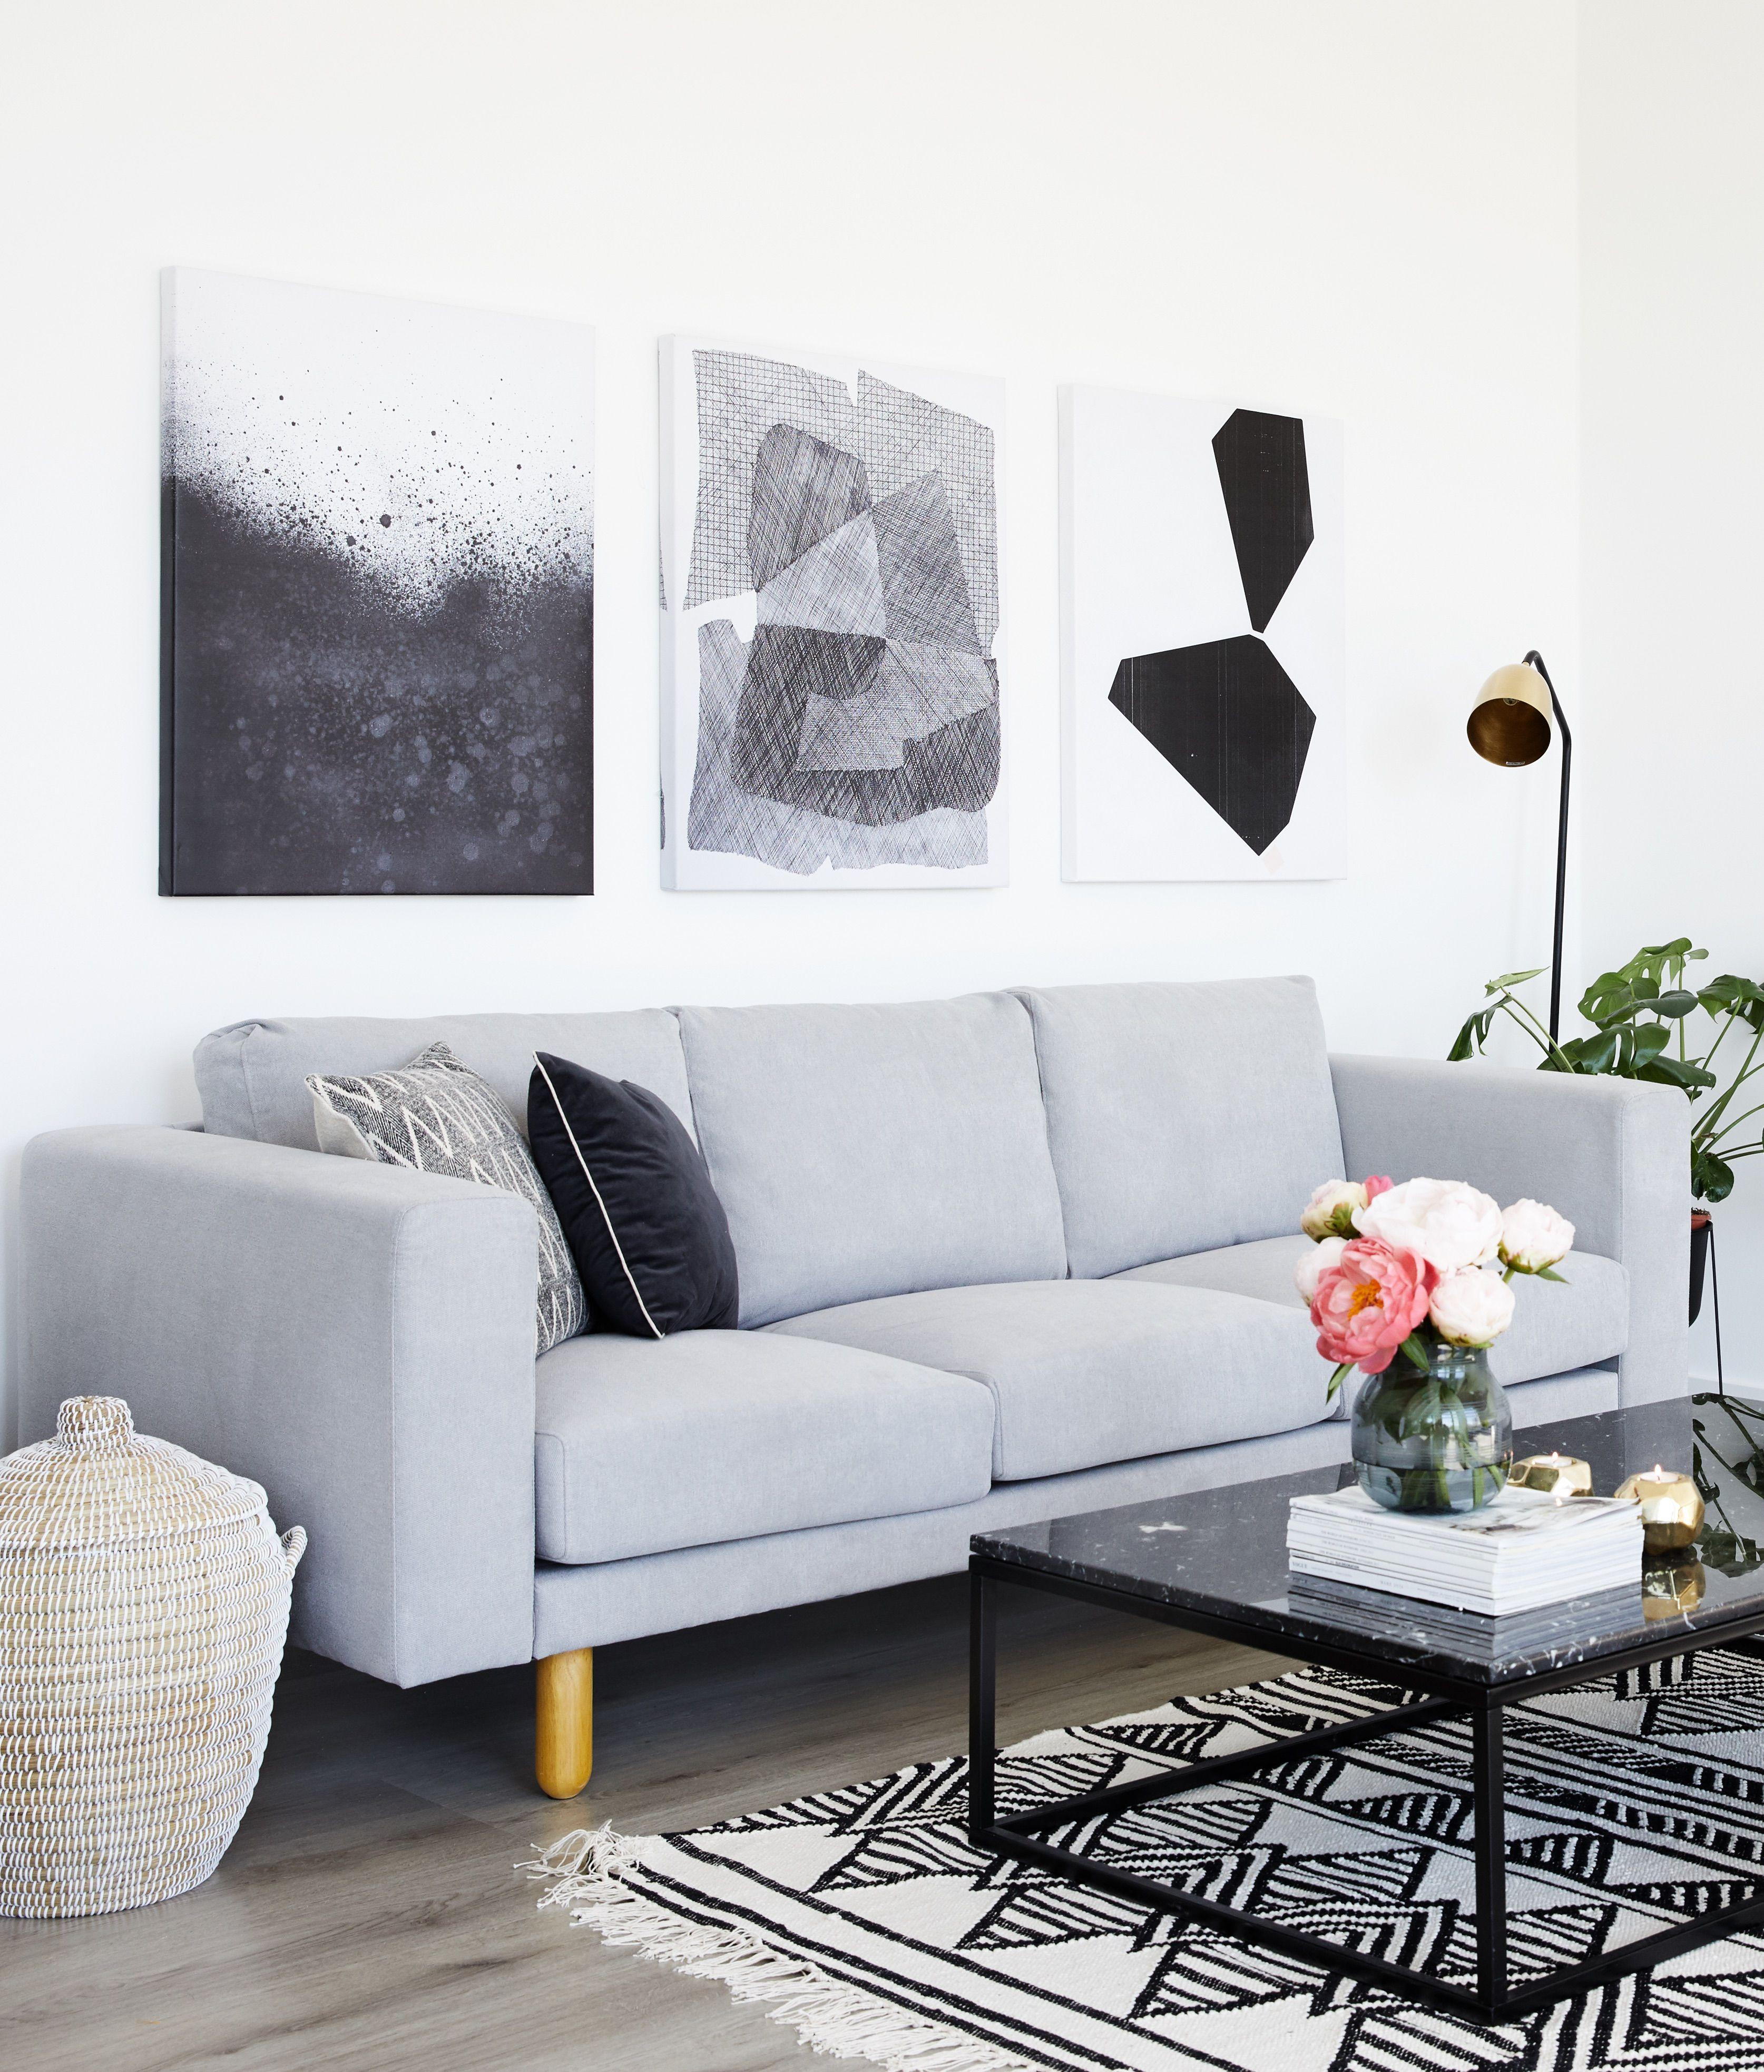 tipps und tricks f r sofa styles macht es euch wohnlich. Black Bedroom Furniture Sets. Home Design Ideas